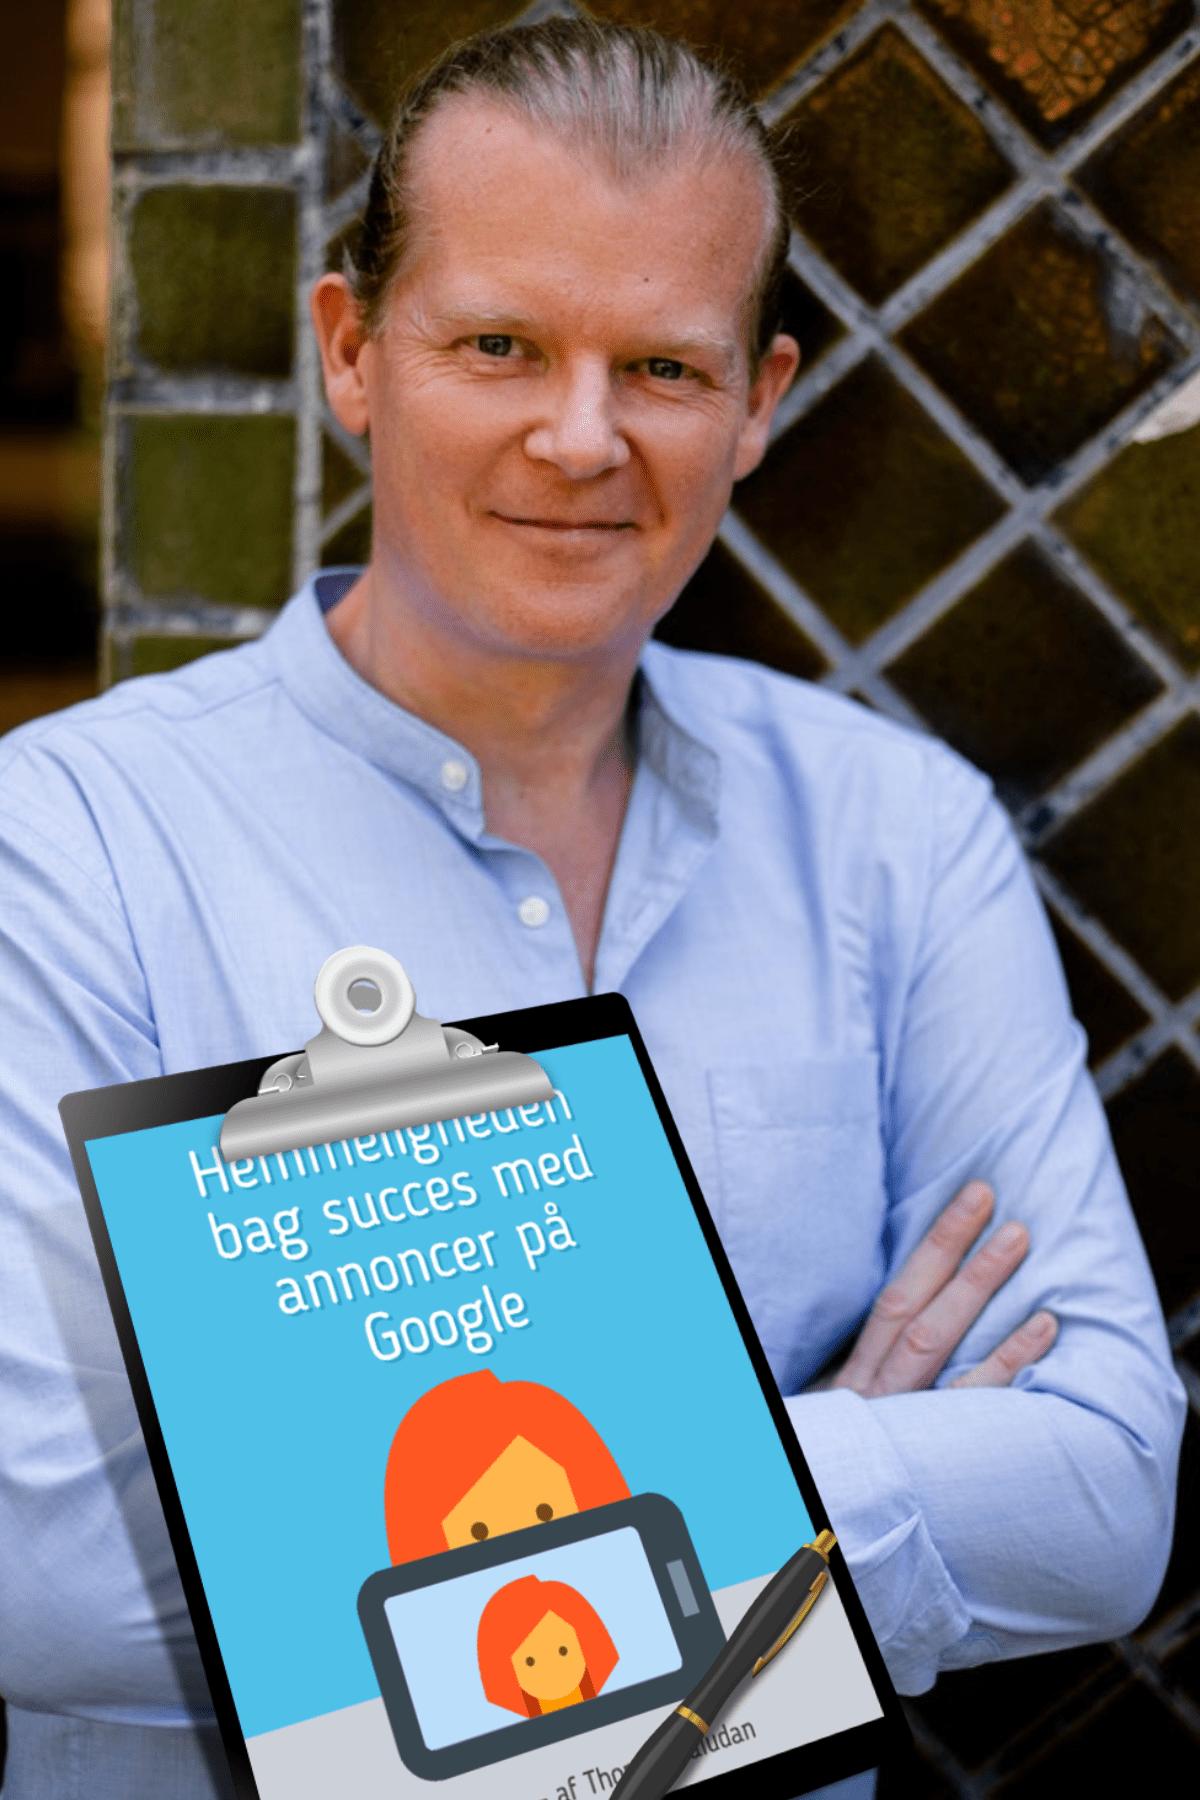 Thomas Paludans guide til succes med annoncer på Google